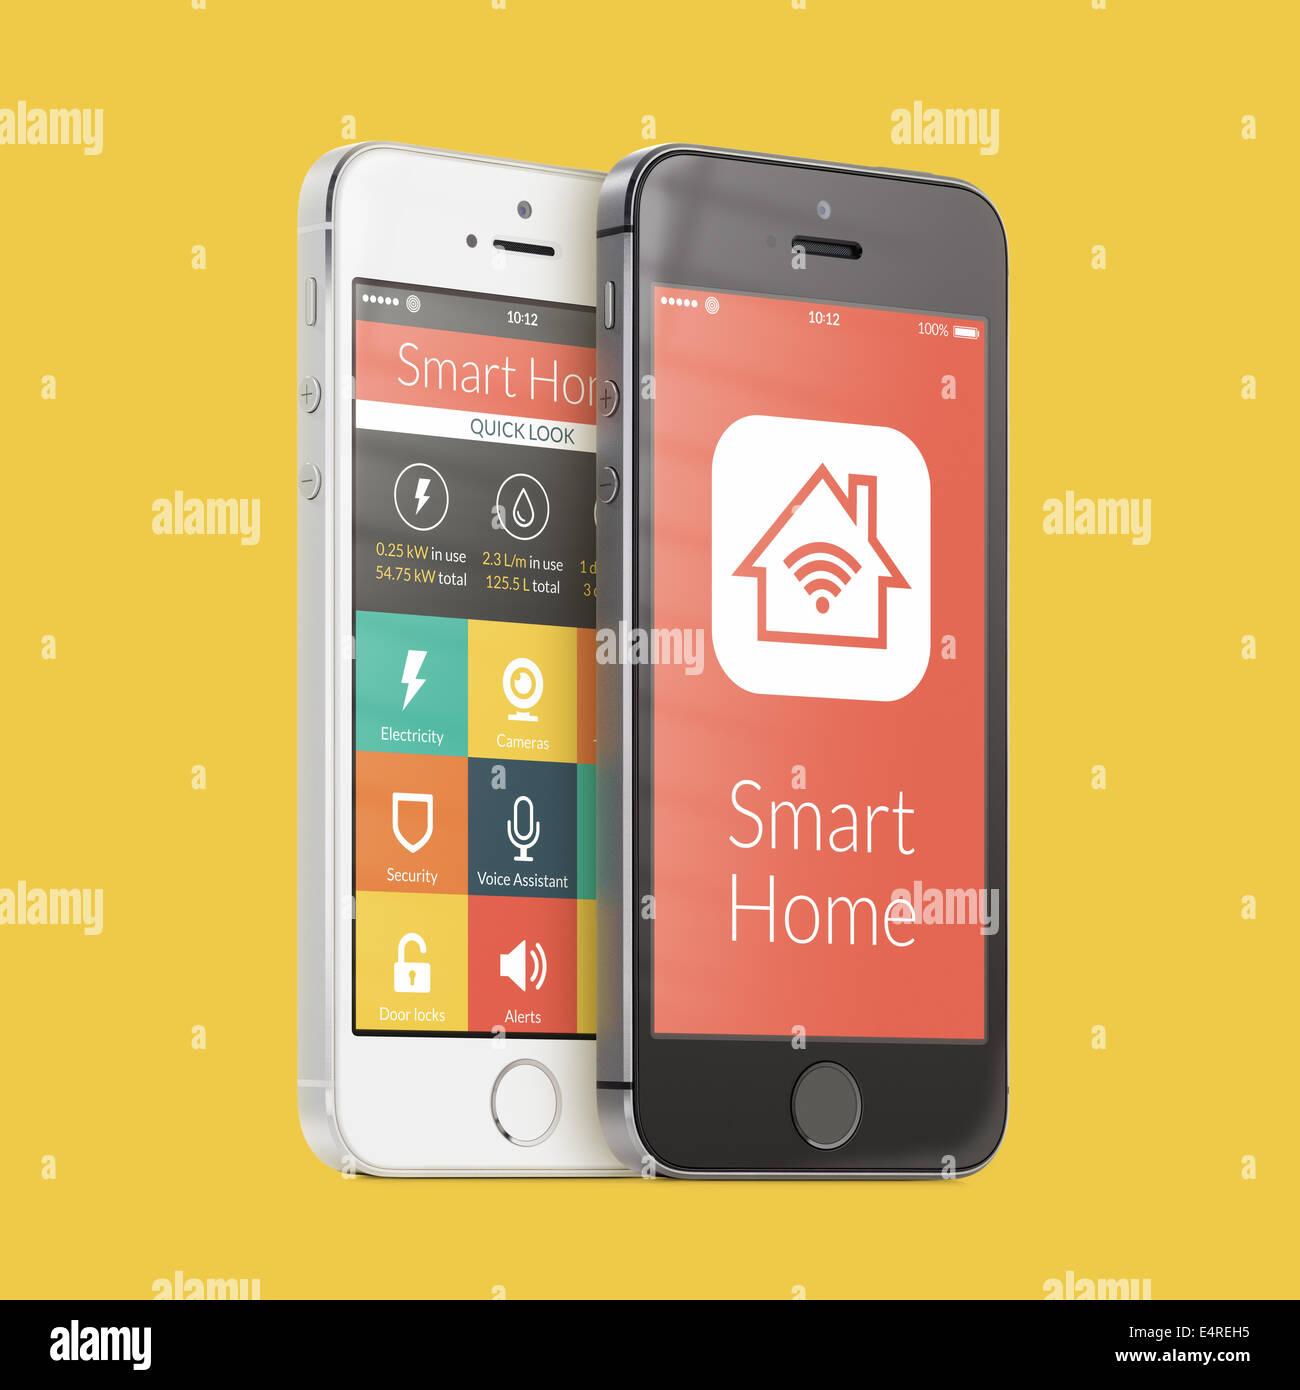 Smartphones en blanco y negro con smart home aplicación en la pantalla en color amarillo. Para tener acceso Imagen De Stock